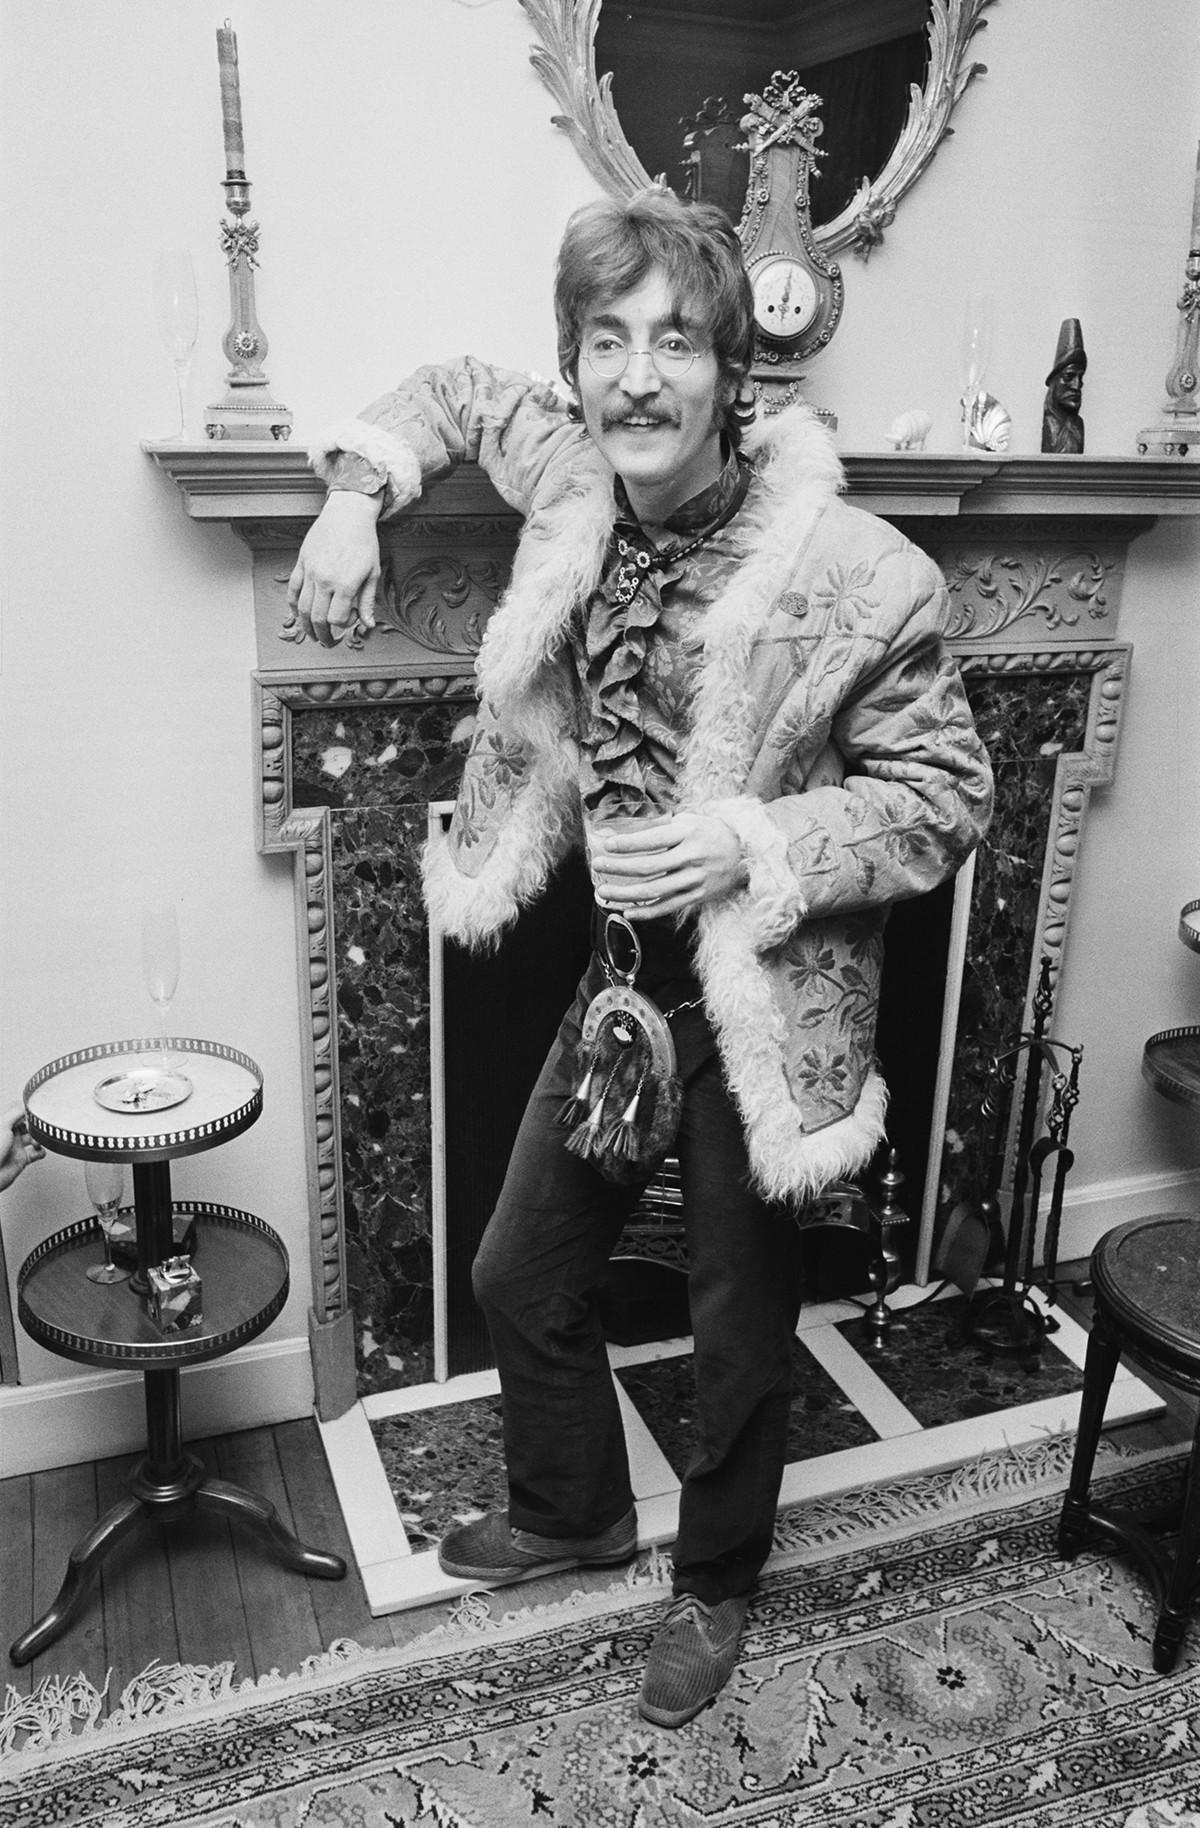 John Lennon portant un manteau afghan